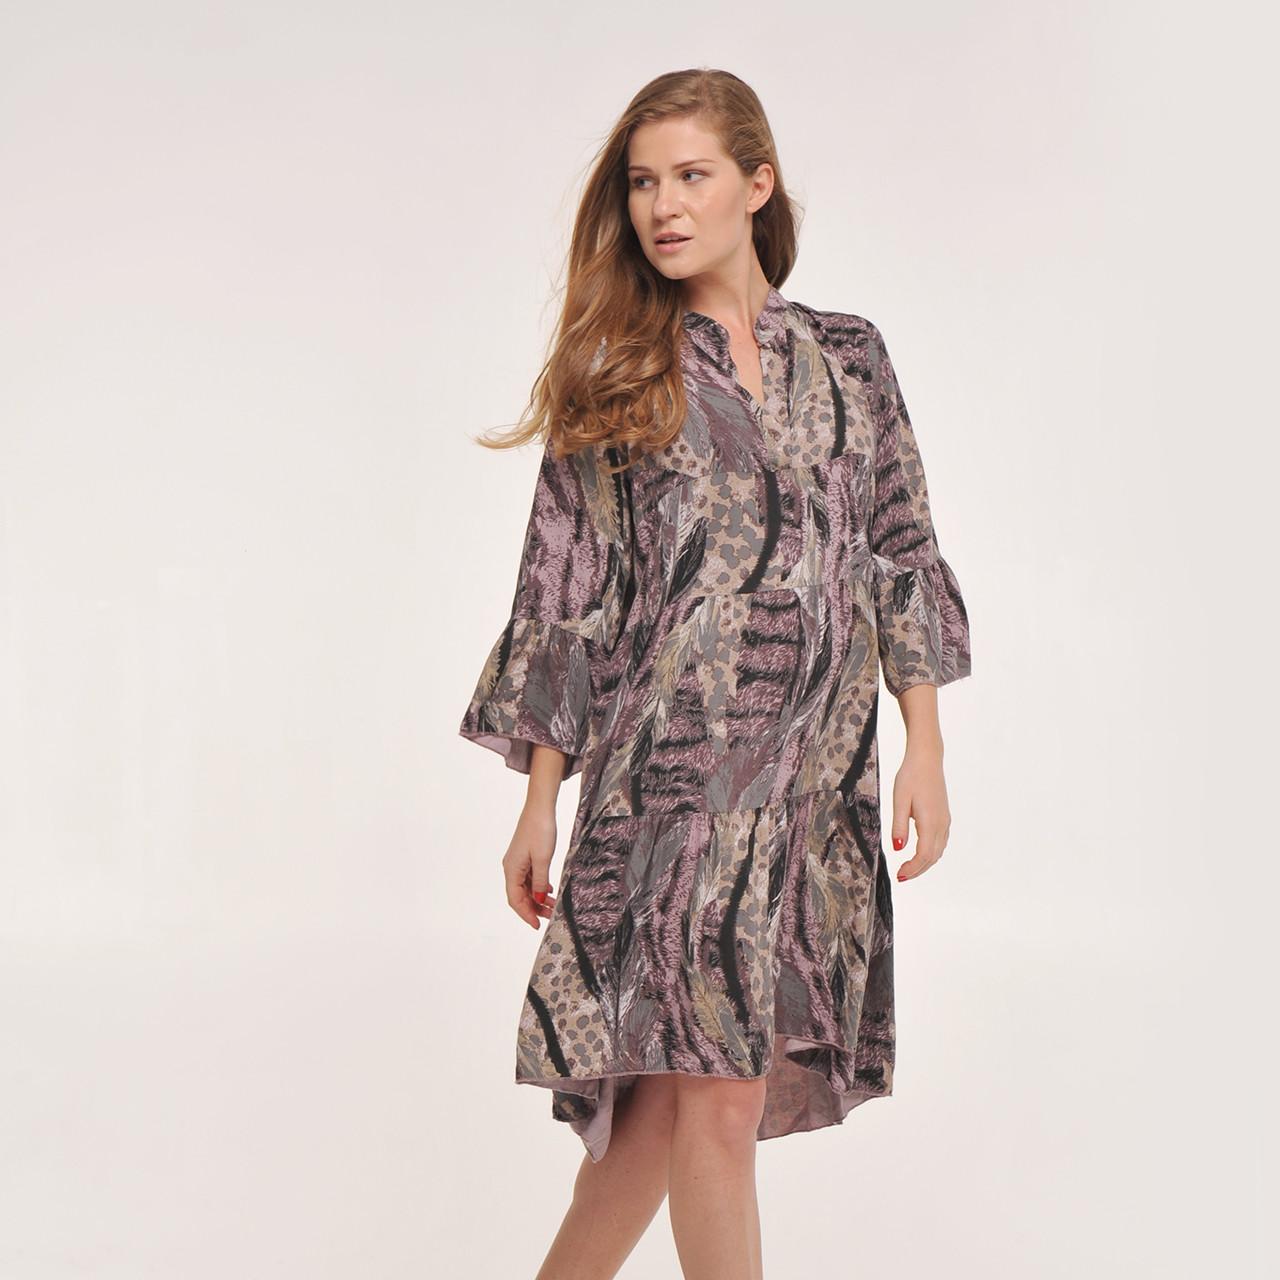 a273d3e15638 Модное платье свободного силуэта - Интернет магазин розничной и оптовой  торговли женской одежды TM Modesty Fashion